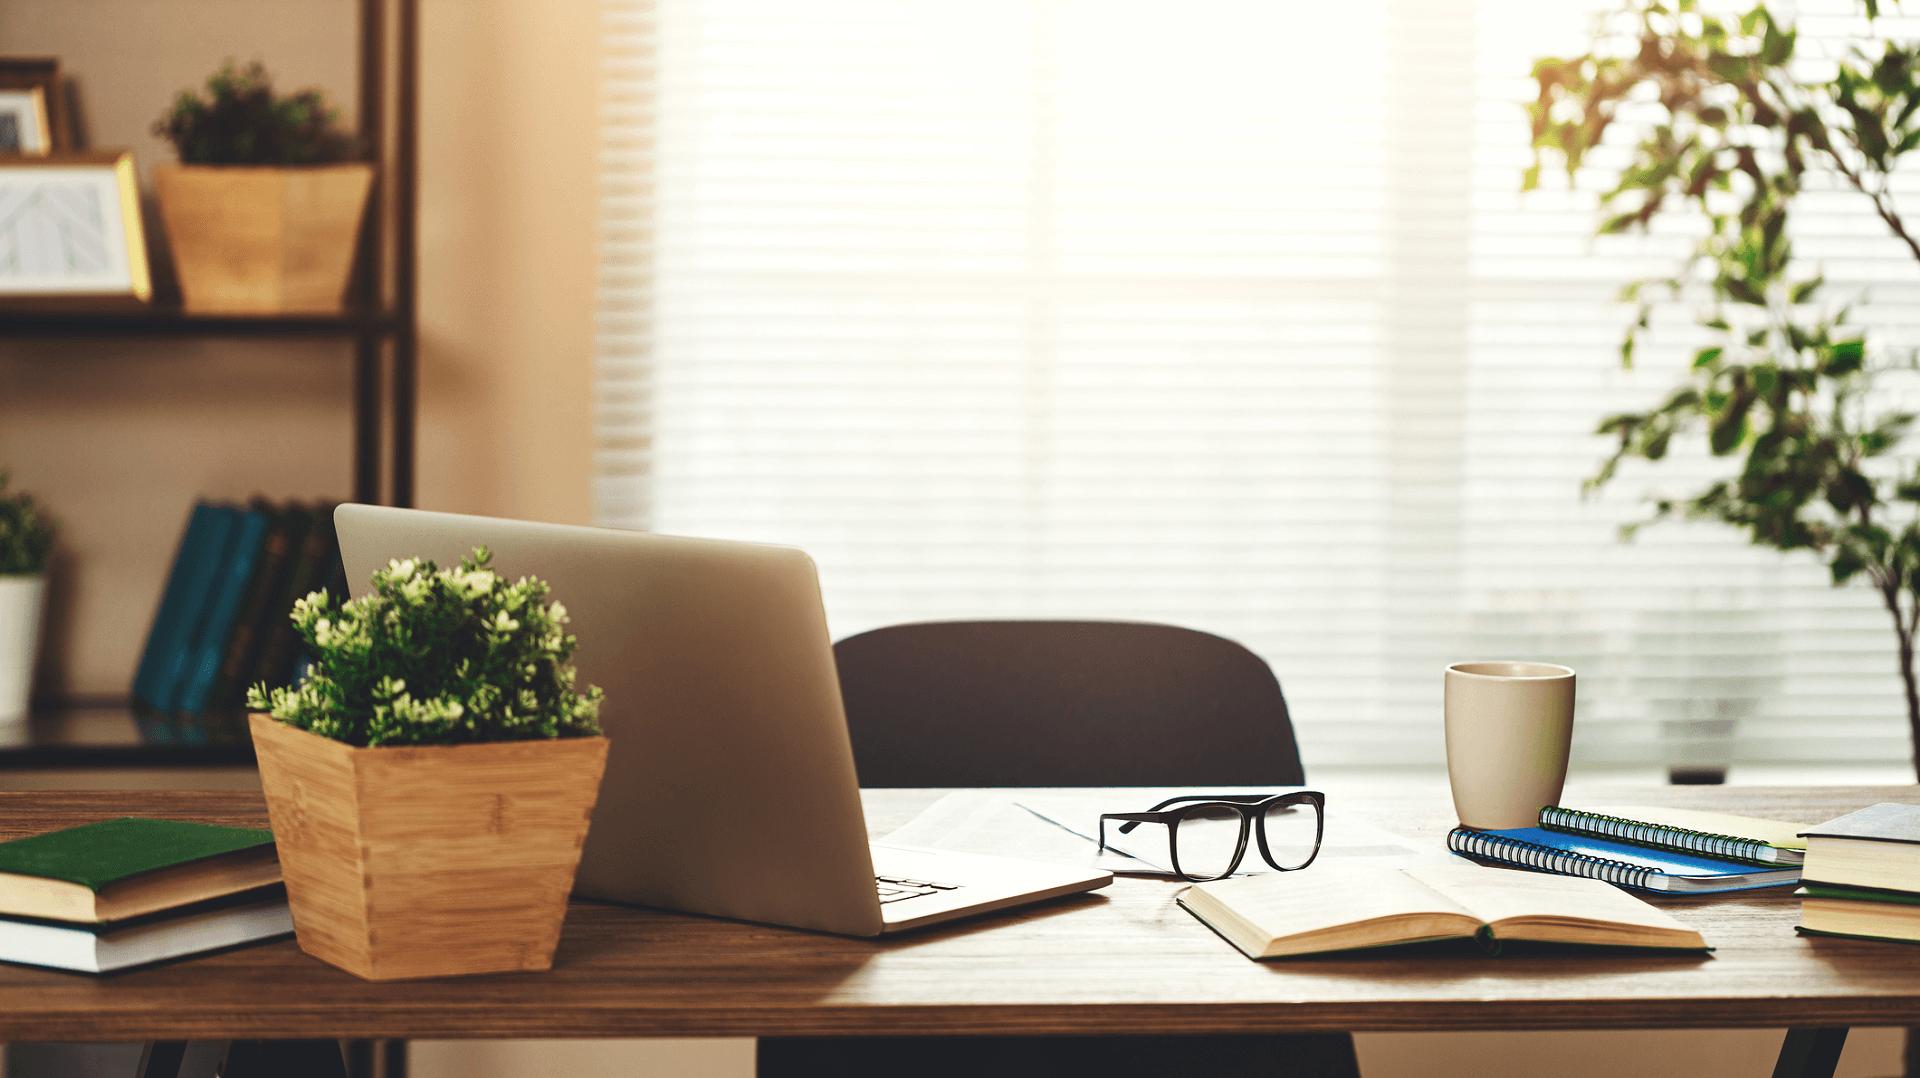 Ein Schreibtisch mit verschiedenen Arbeits- und Dekoutensilien